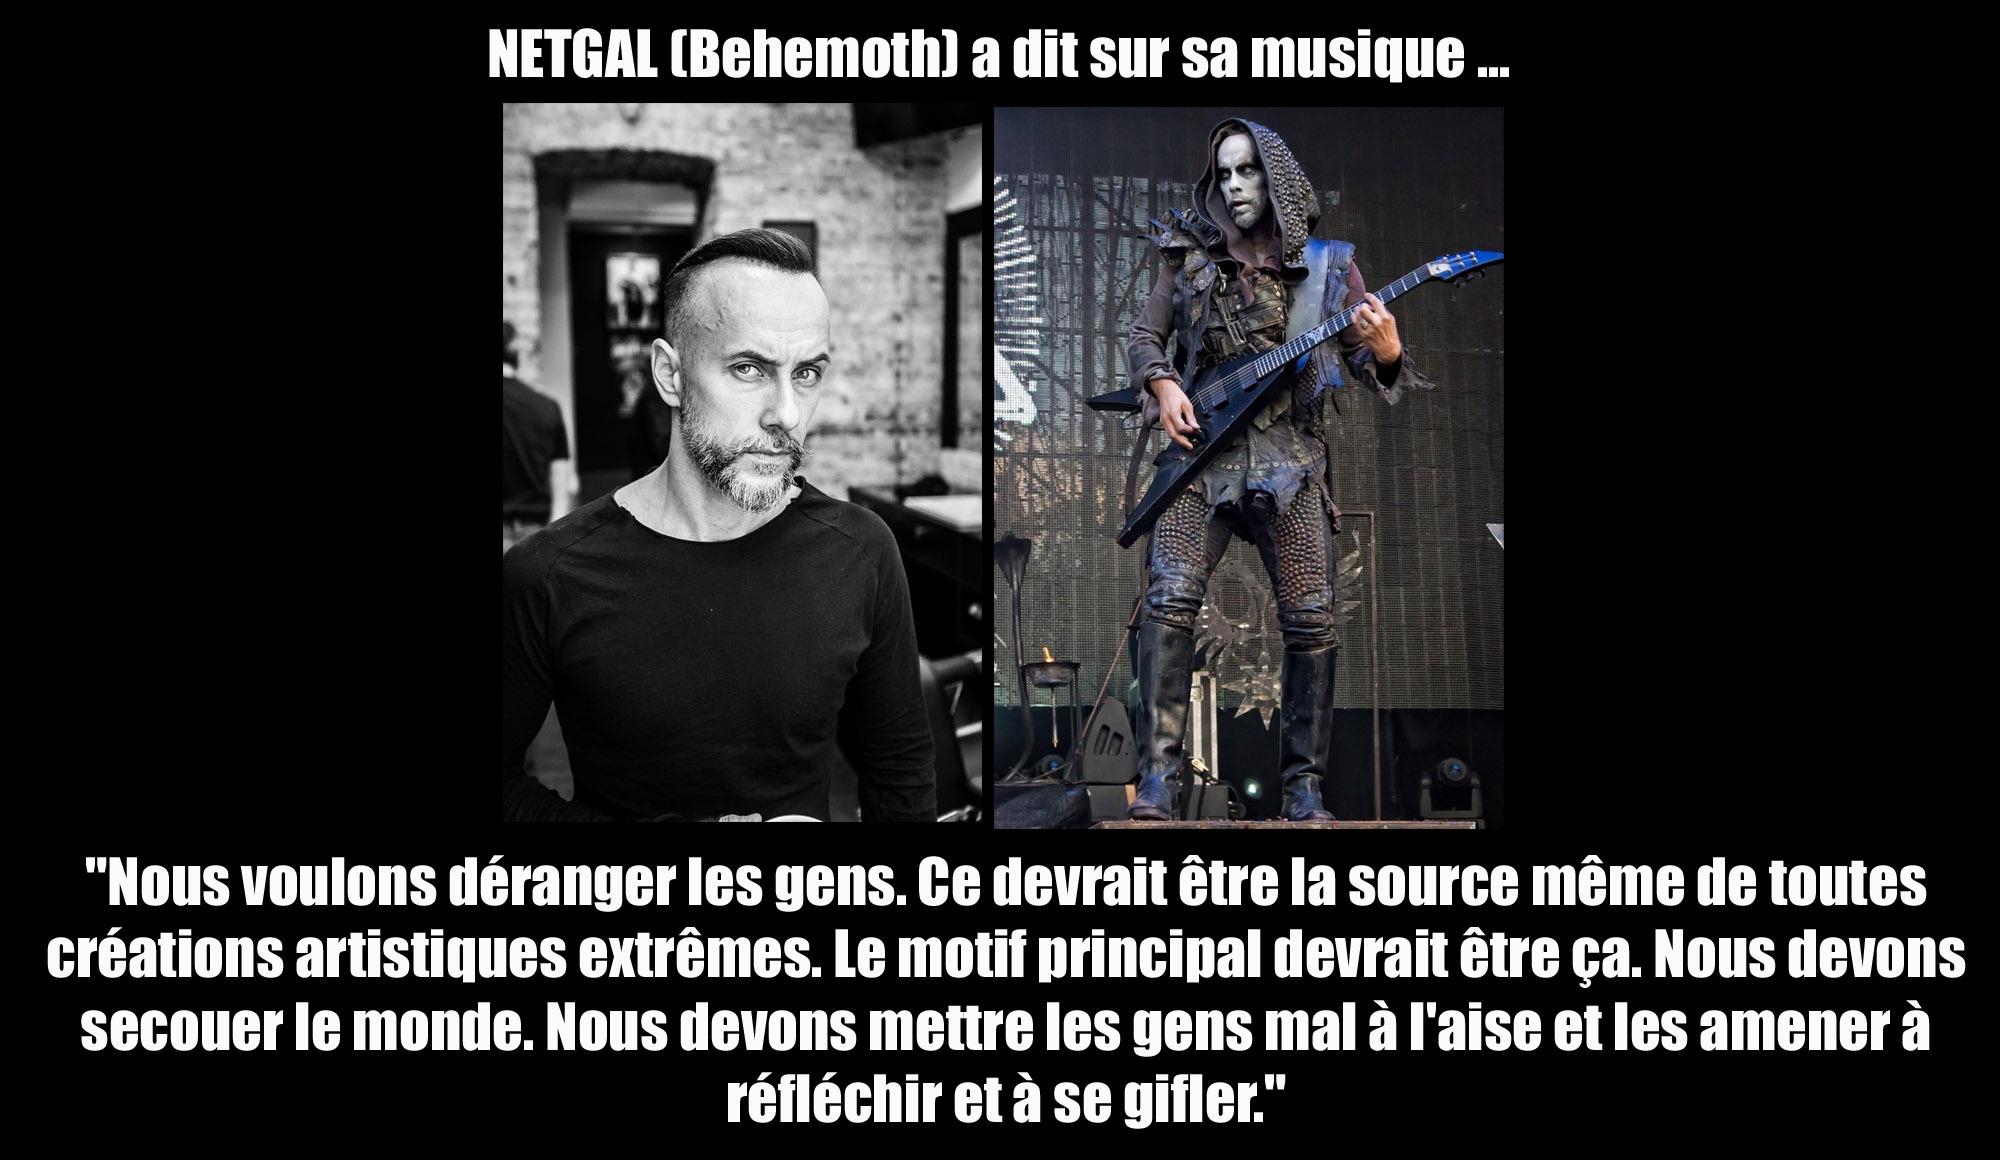 NERGAL (Behemoth) a dit sur ... la création artistique extrême Nergal10